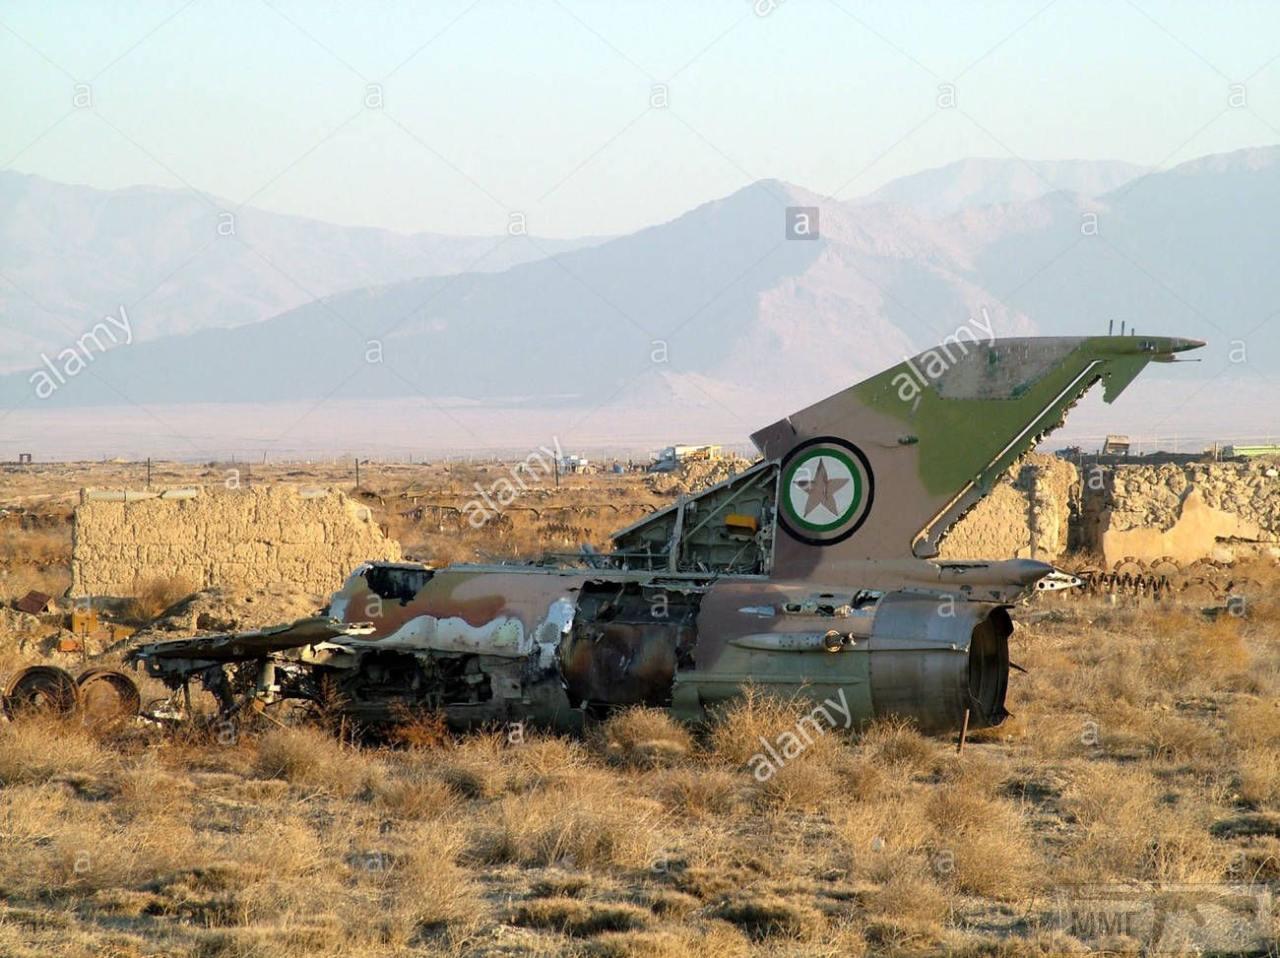 46600 - Авиация в Афганской войне 1979-1989 гг.